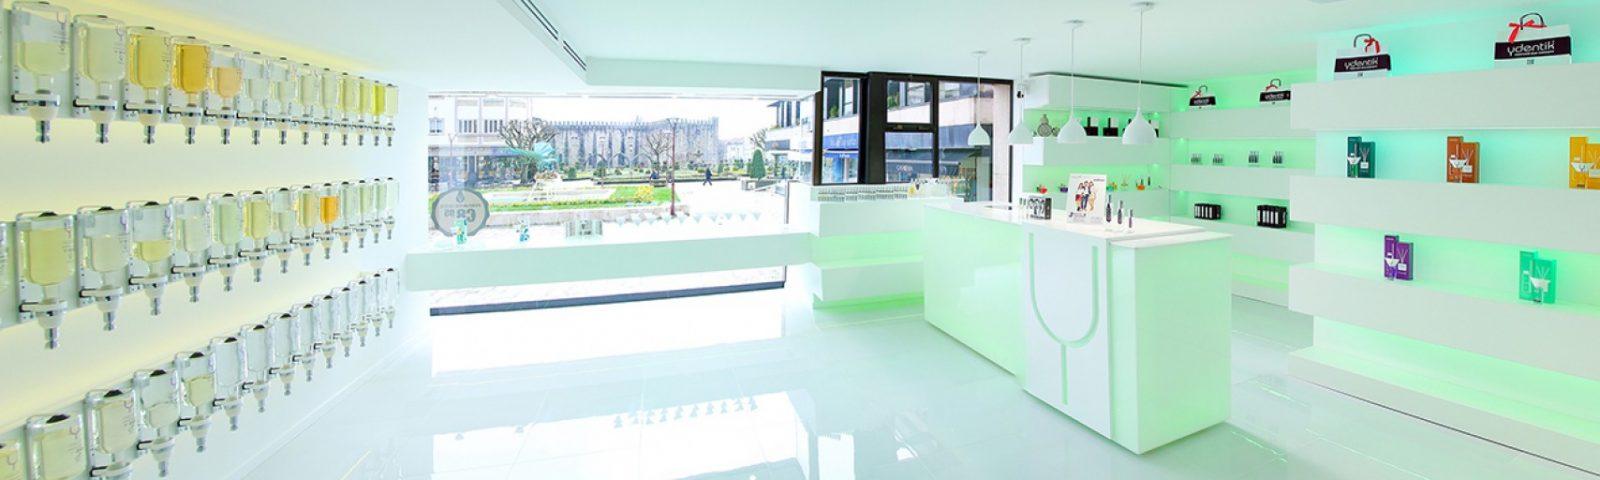 Ydentik vai abrir três novas lojas